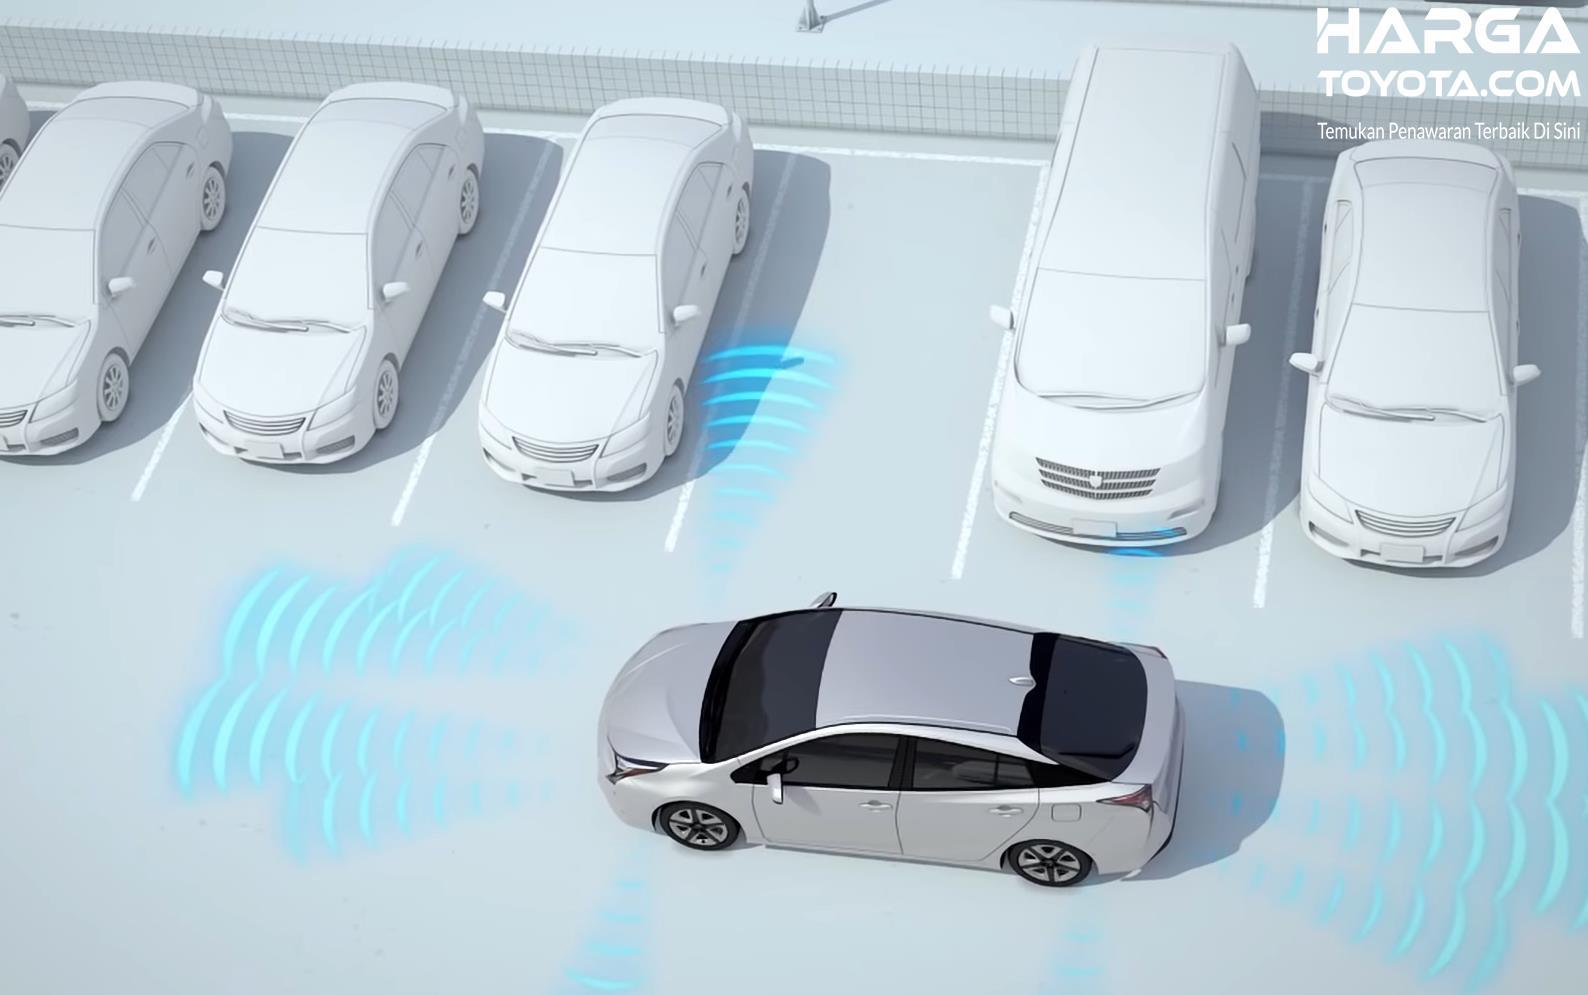 Gambar ini menunjukkan ilustrasi mobil sedang mencari tempat parkir dengan mengandalkan fitur Intelligent Park Assist Toyota